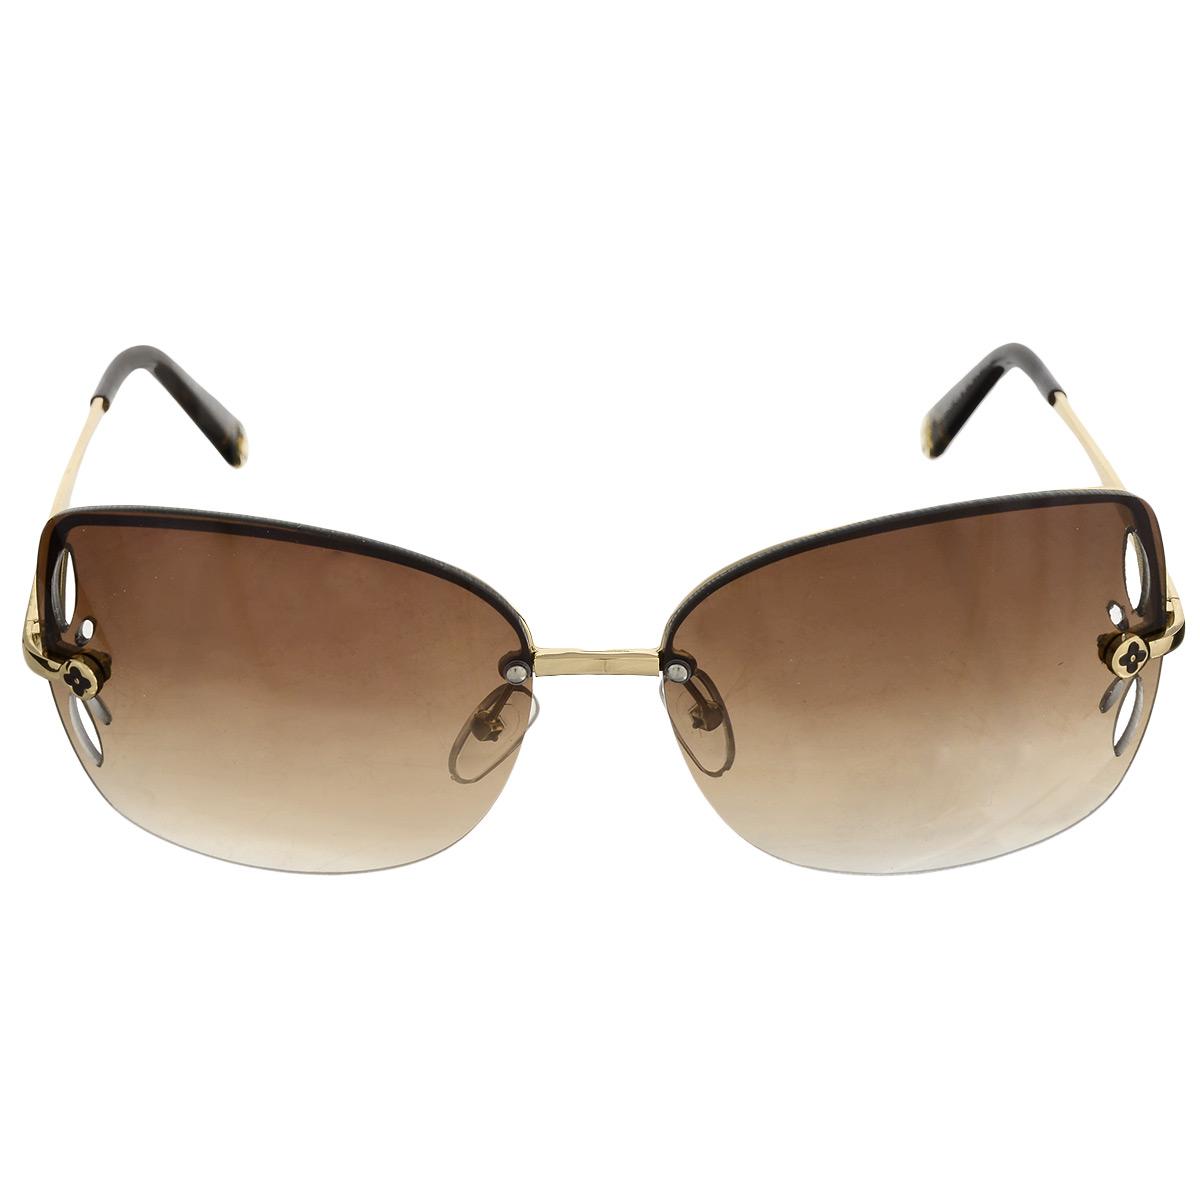 Солнцезащитные очки женские Selena, цвет: коричневый, золотой. 80032421 Selena Селена